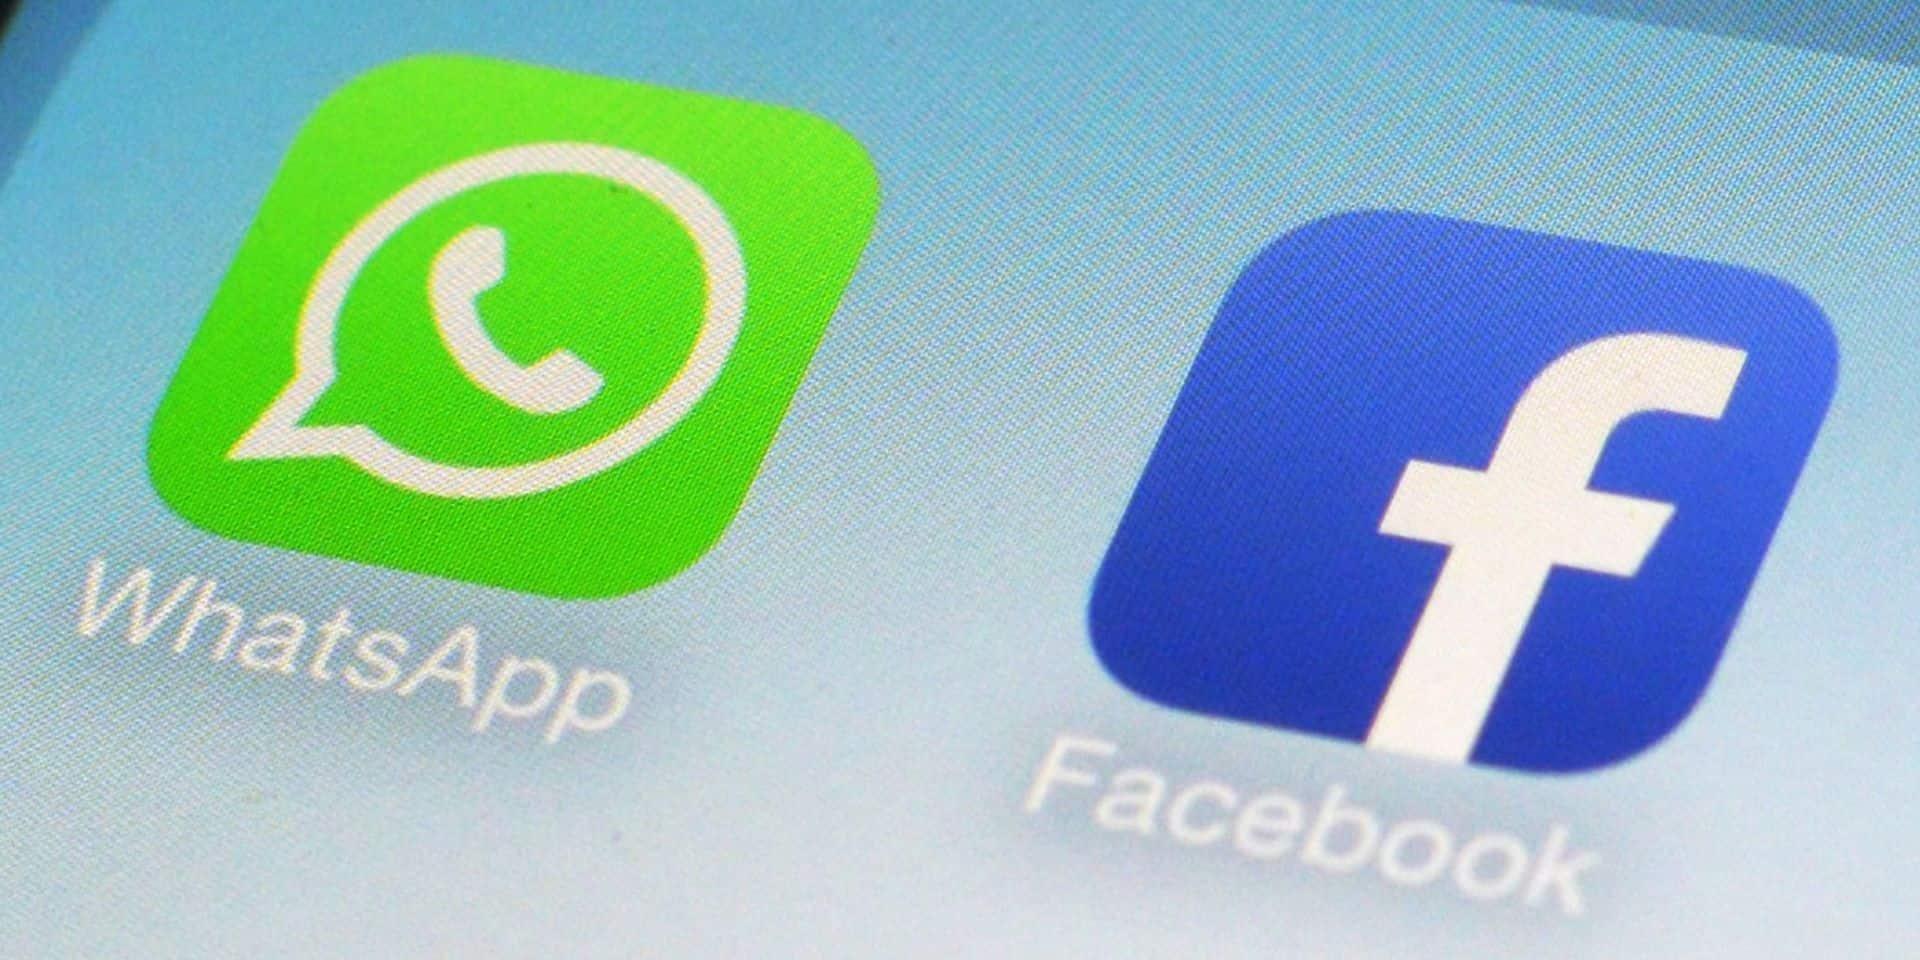 Facebook et WhatsApp ne répondront plus aux demandes d'information de Hong Kong sur les utilisateurs